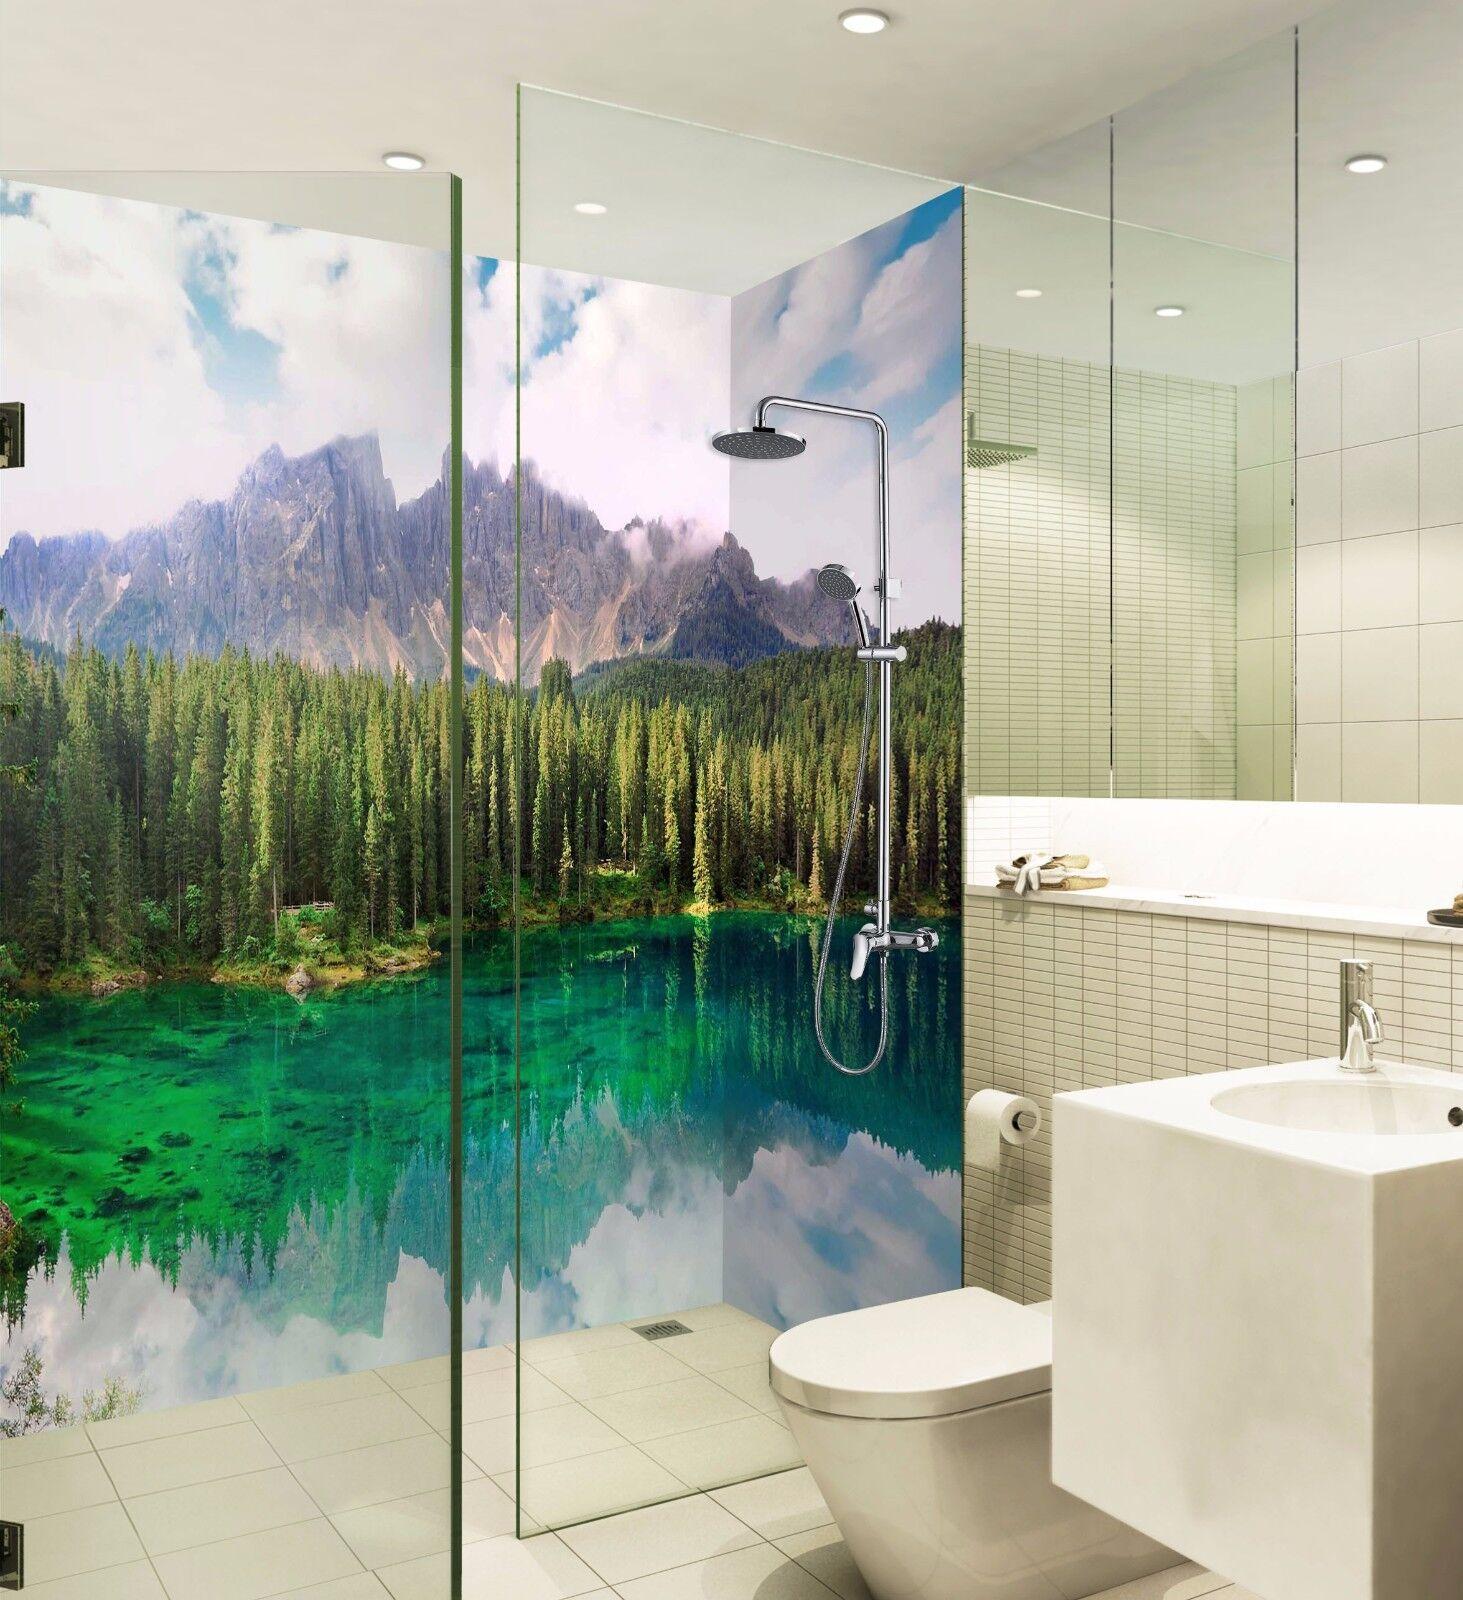 3D River Grün Trees WallPaper Bathroom Print Decal Wall Deco AJ WALLPAPER UK